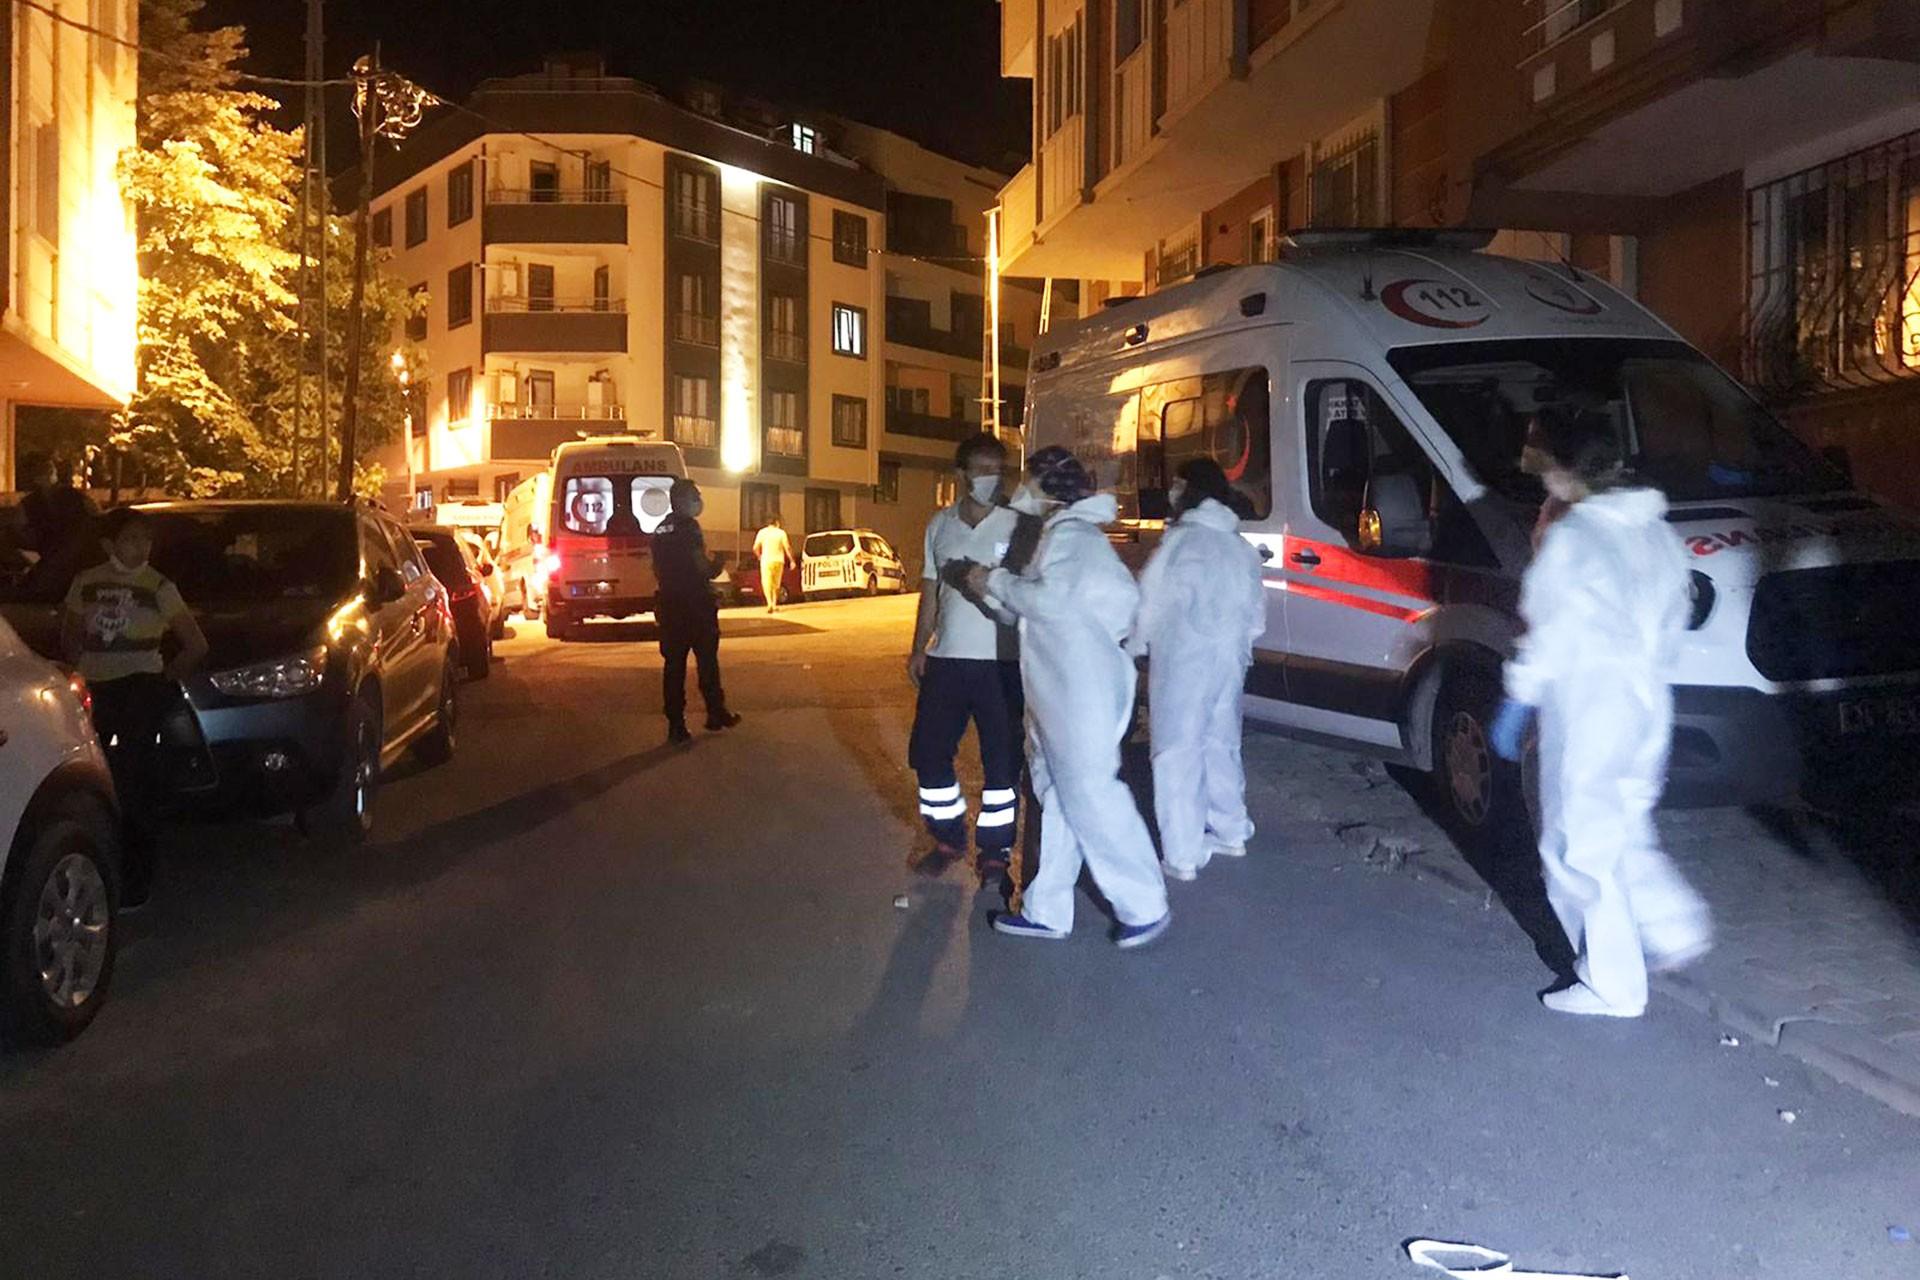 Arnavutköy'de böcek ilacından zehirlenenlere müdahale için gelen ekipler